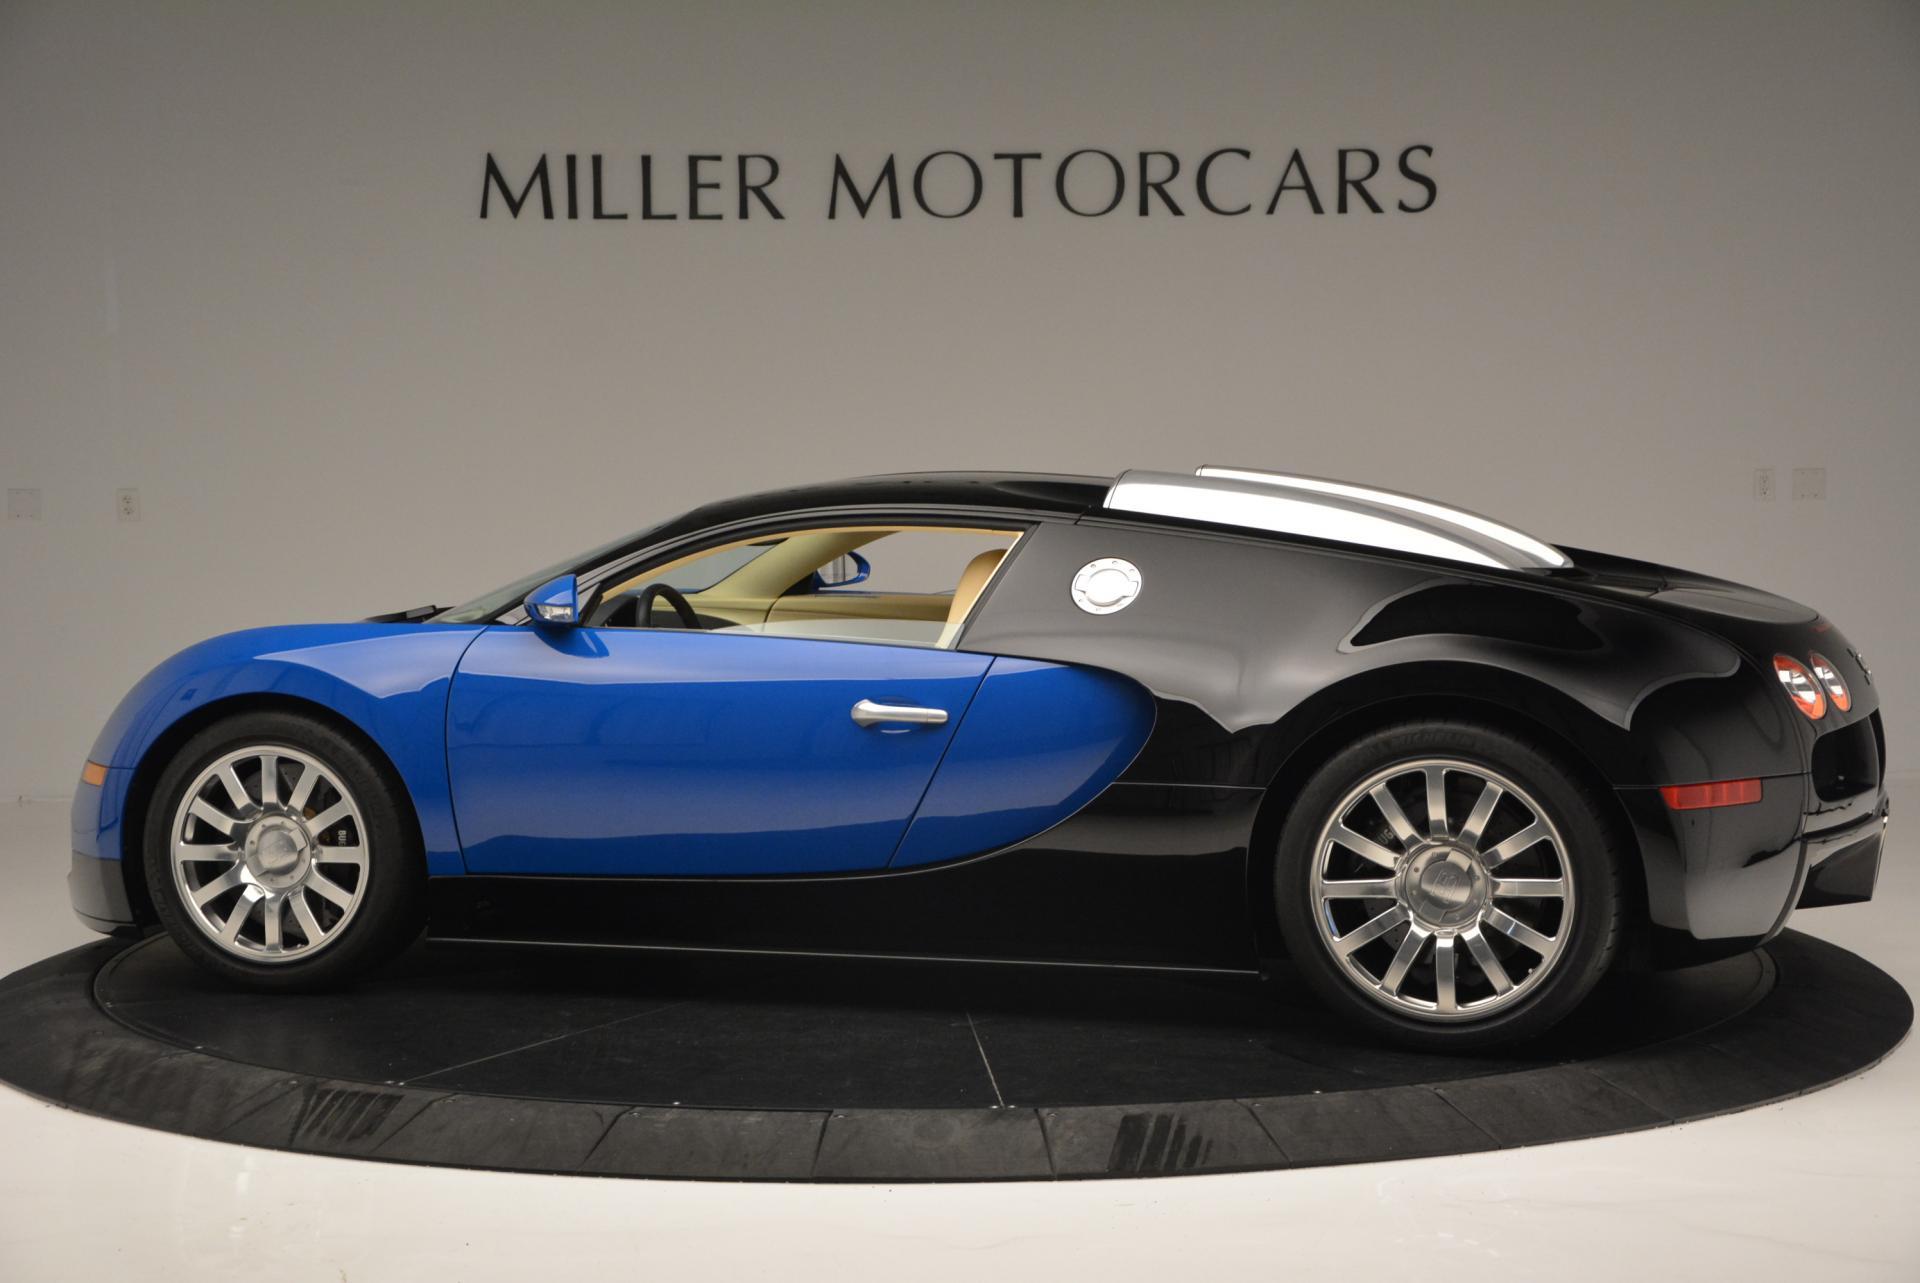 Used 2006 Bugatti Veyron 16.4  For Sale In Greenwich, CT. Alfa Romeo of Greenwich, 6725 43_p6